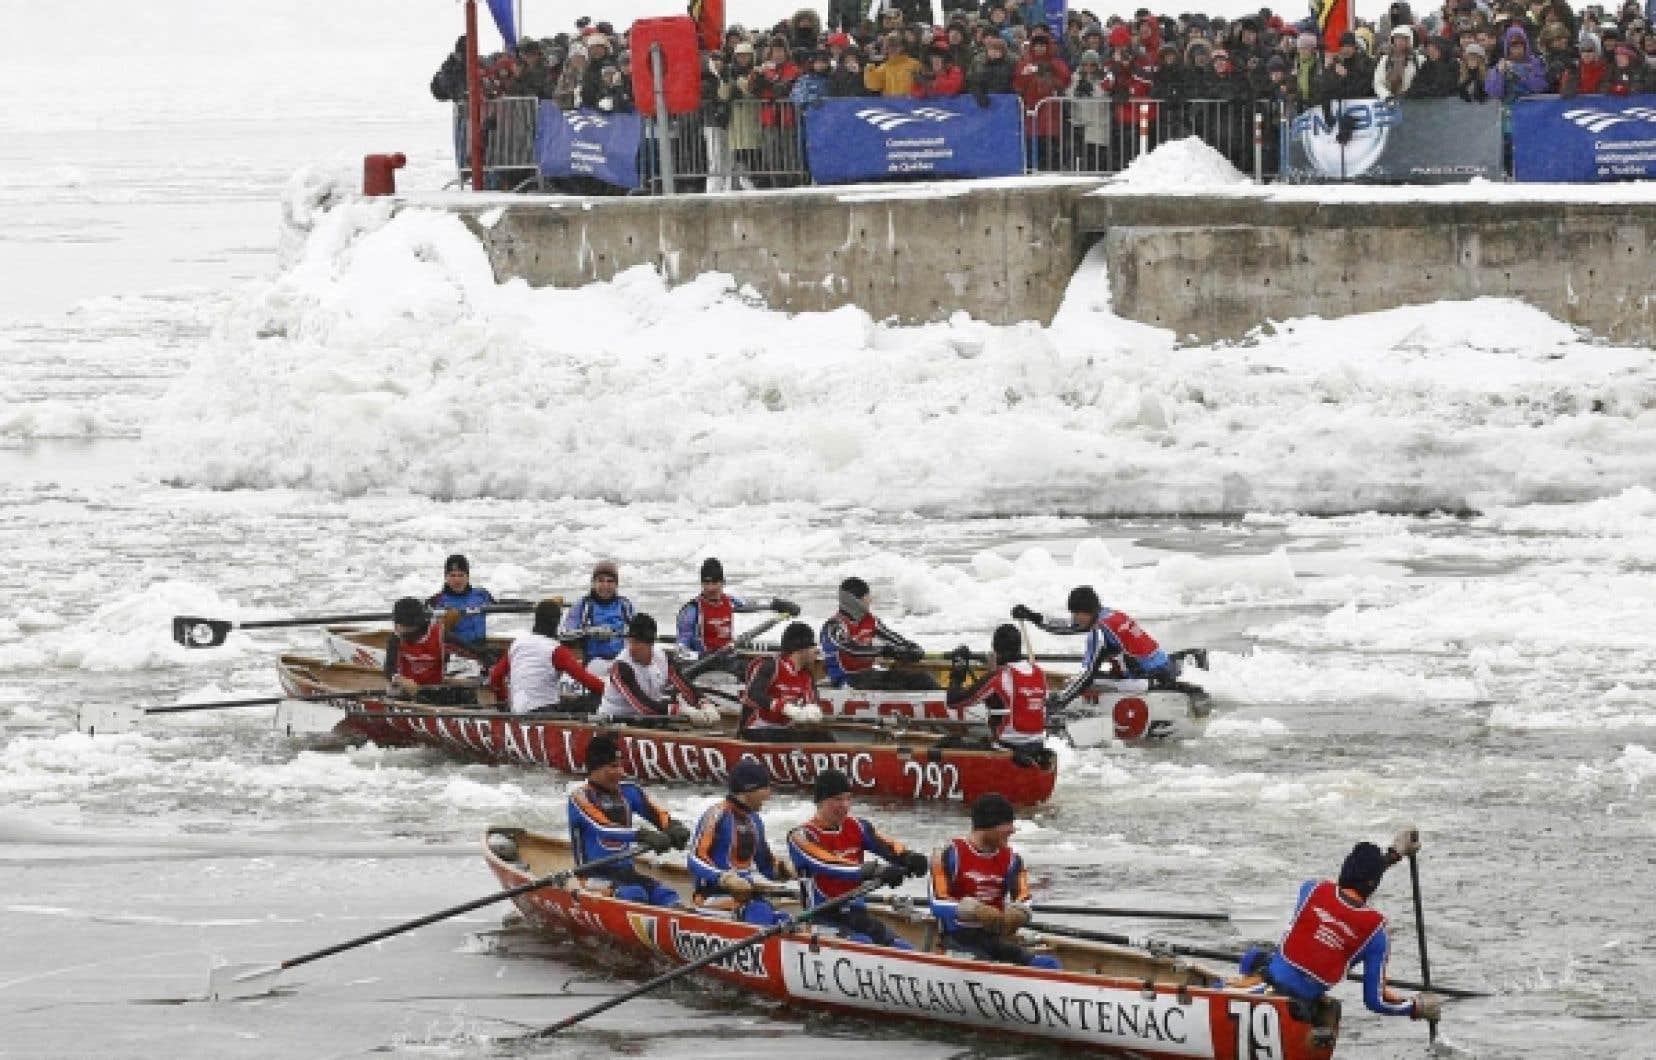 Avant d'être un sport, le canot de glace permettait de transporter des écoliers ou encore des malades entre les nombreuses petites îles de la Côte-du-Sud l'hiver.<br />